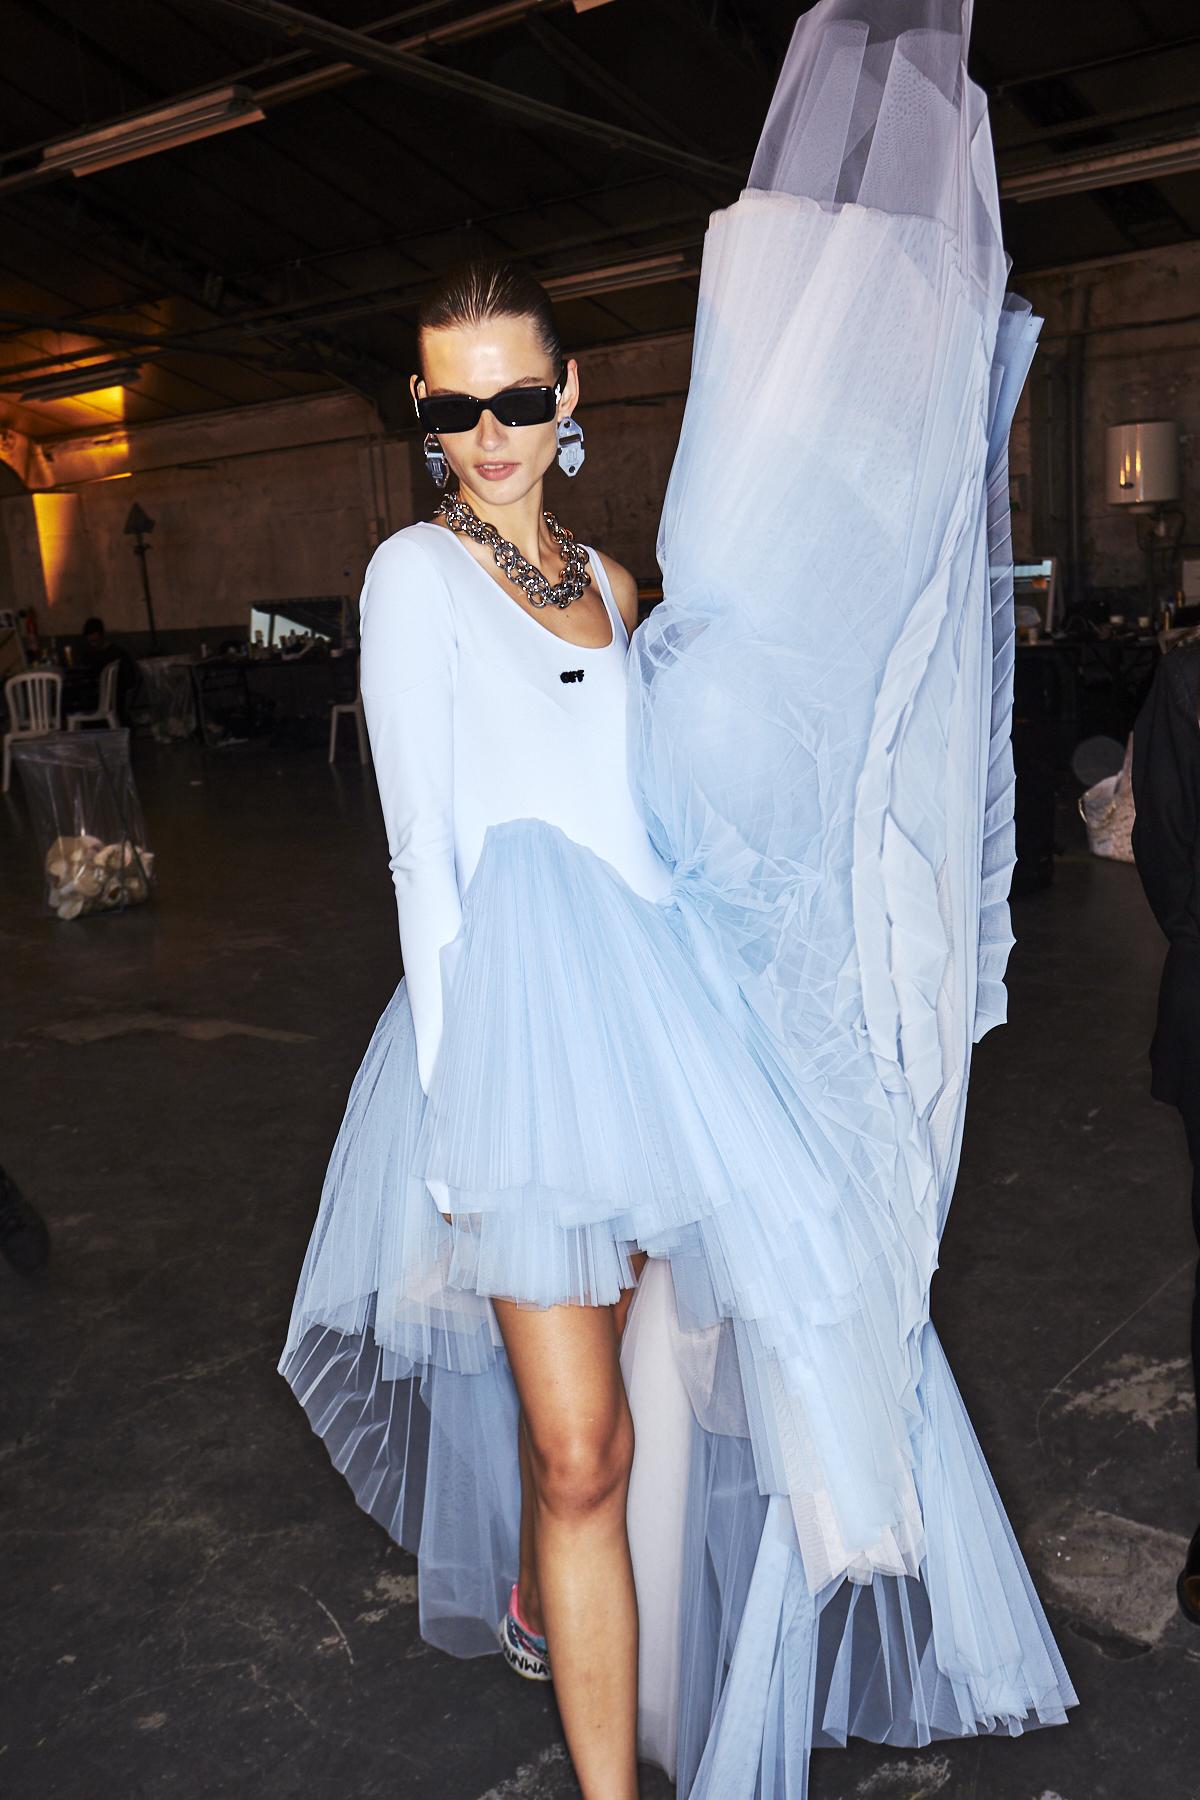 Dieses Model im Backstage-Bereich der Off-White Frühjahr/Sommer Show trägt ein hellblaues Kleid mit Plisseerock aus Tüll.